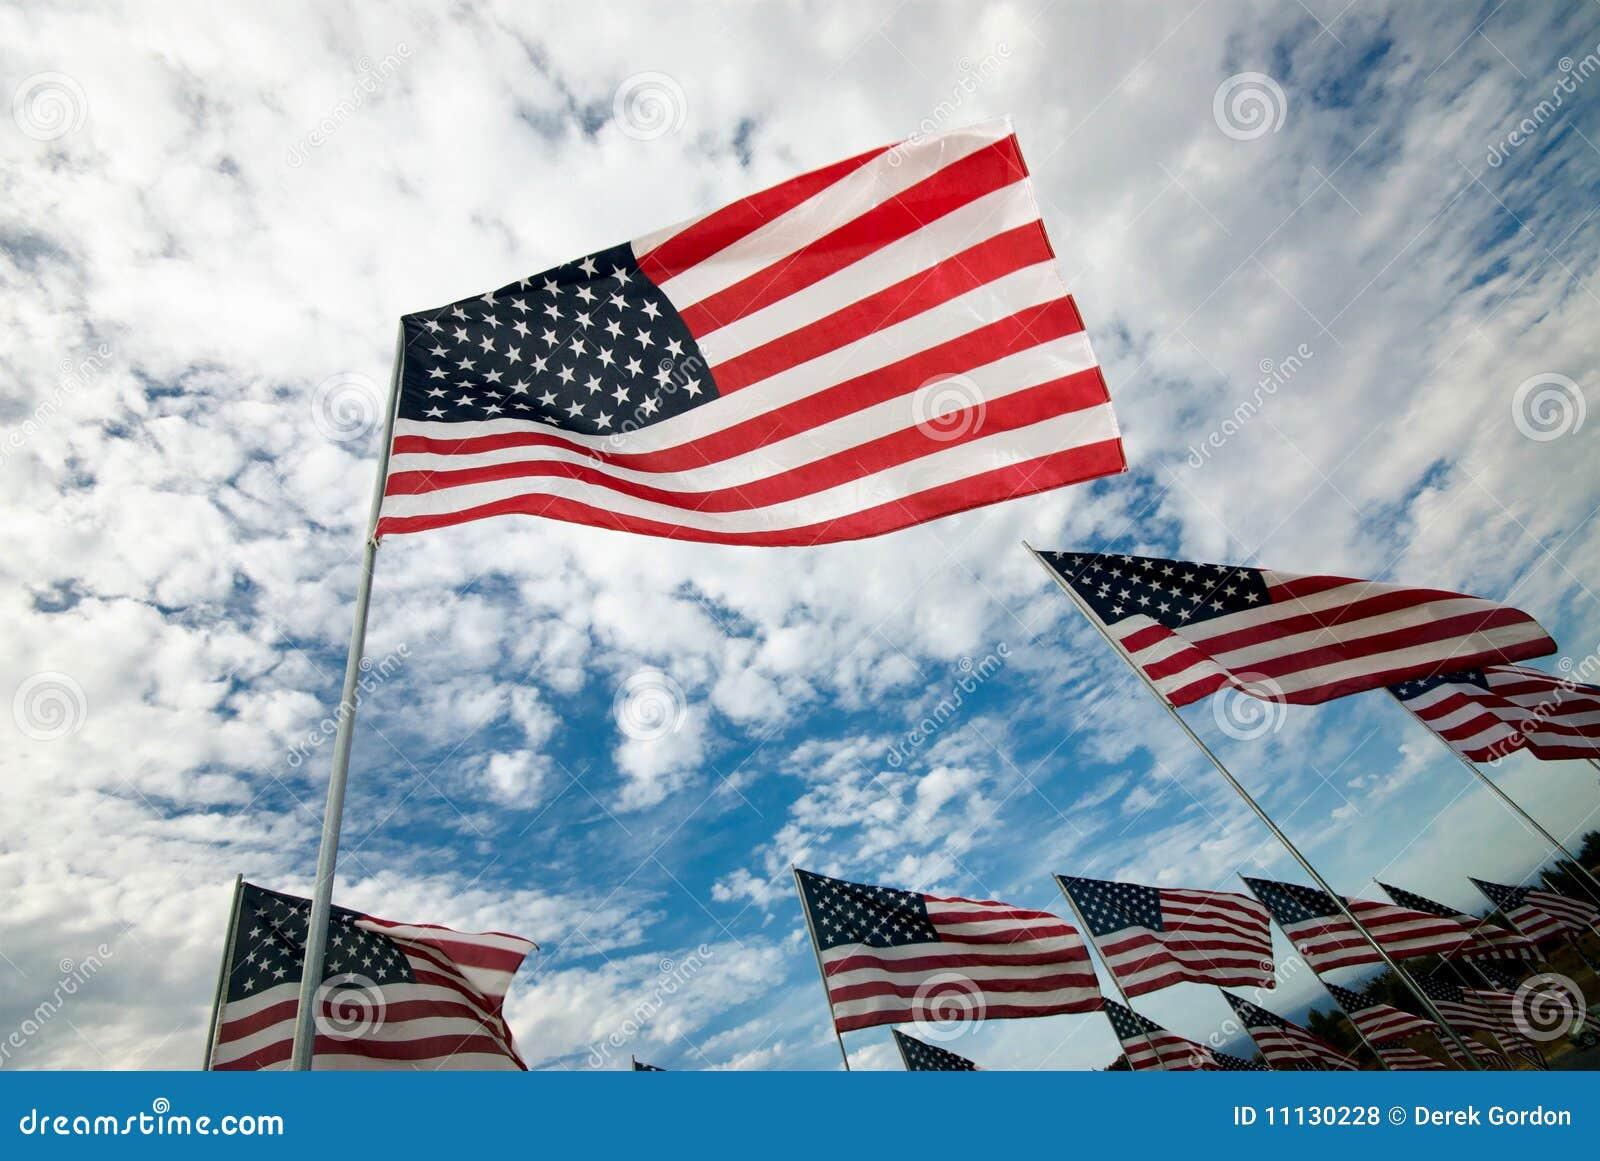 美国国旗行